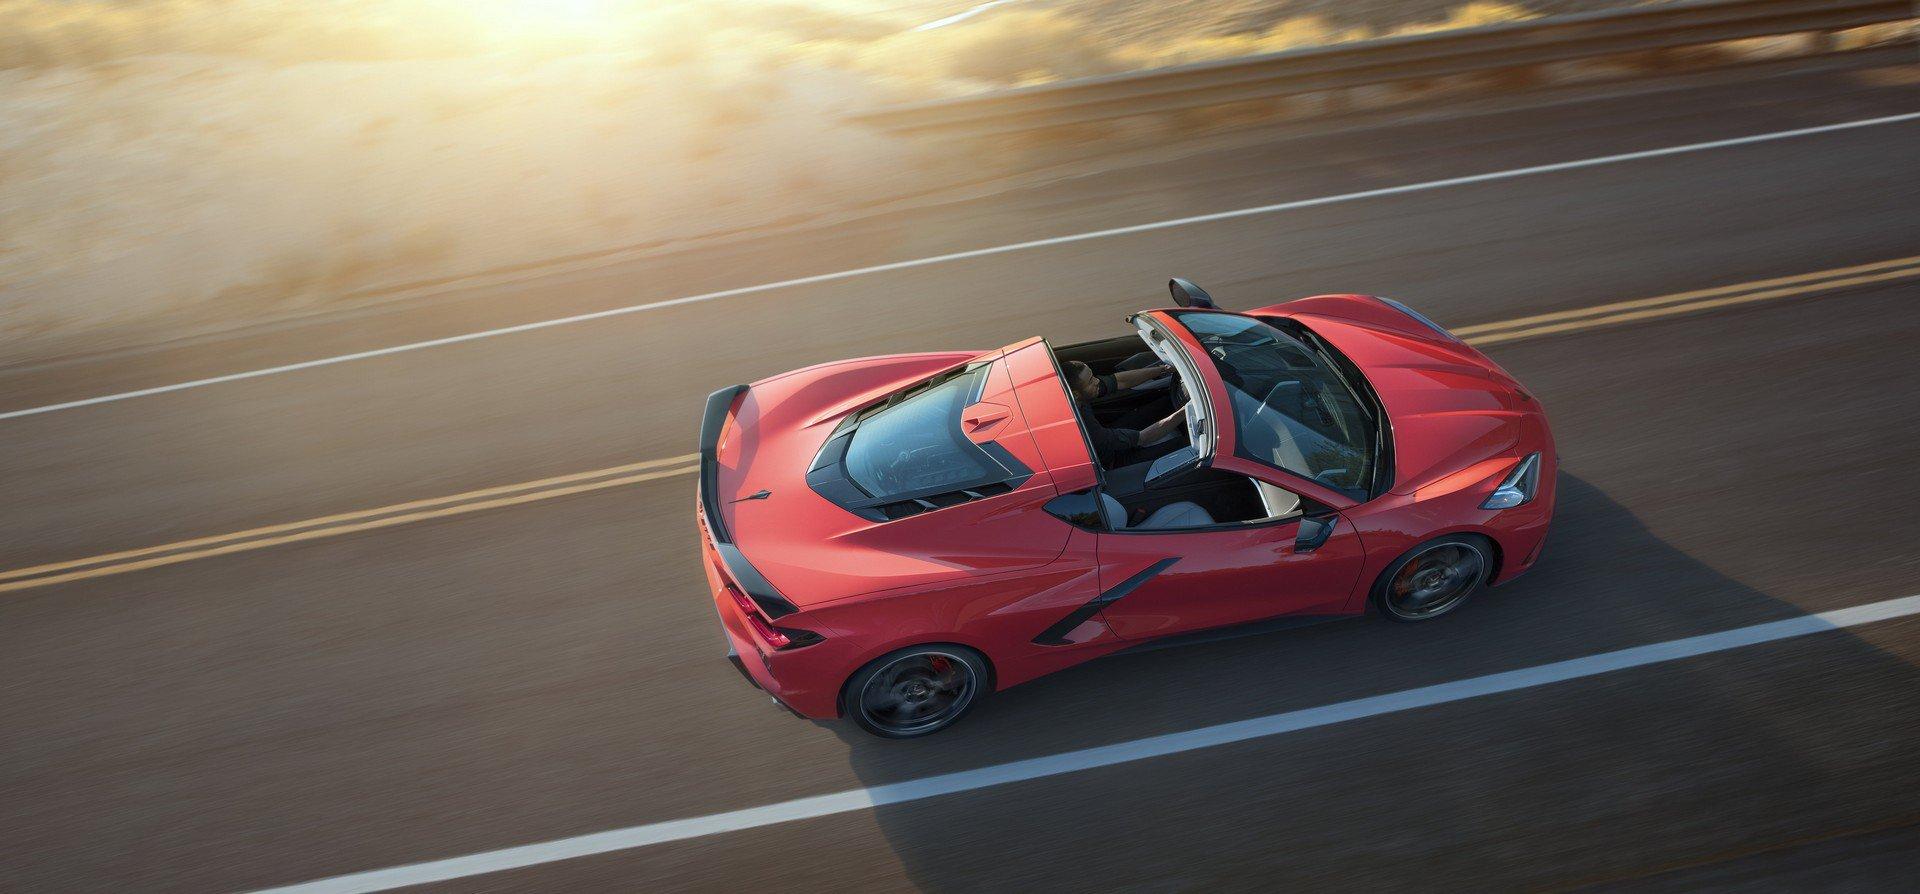 Chevrolet ra mắt Corvette C8 thế hệ mới thiết kế táo bạo, động cơ đặt giữa - 23